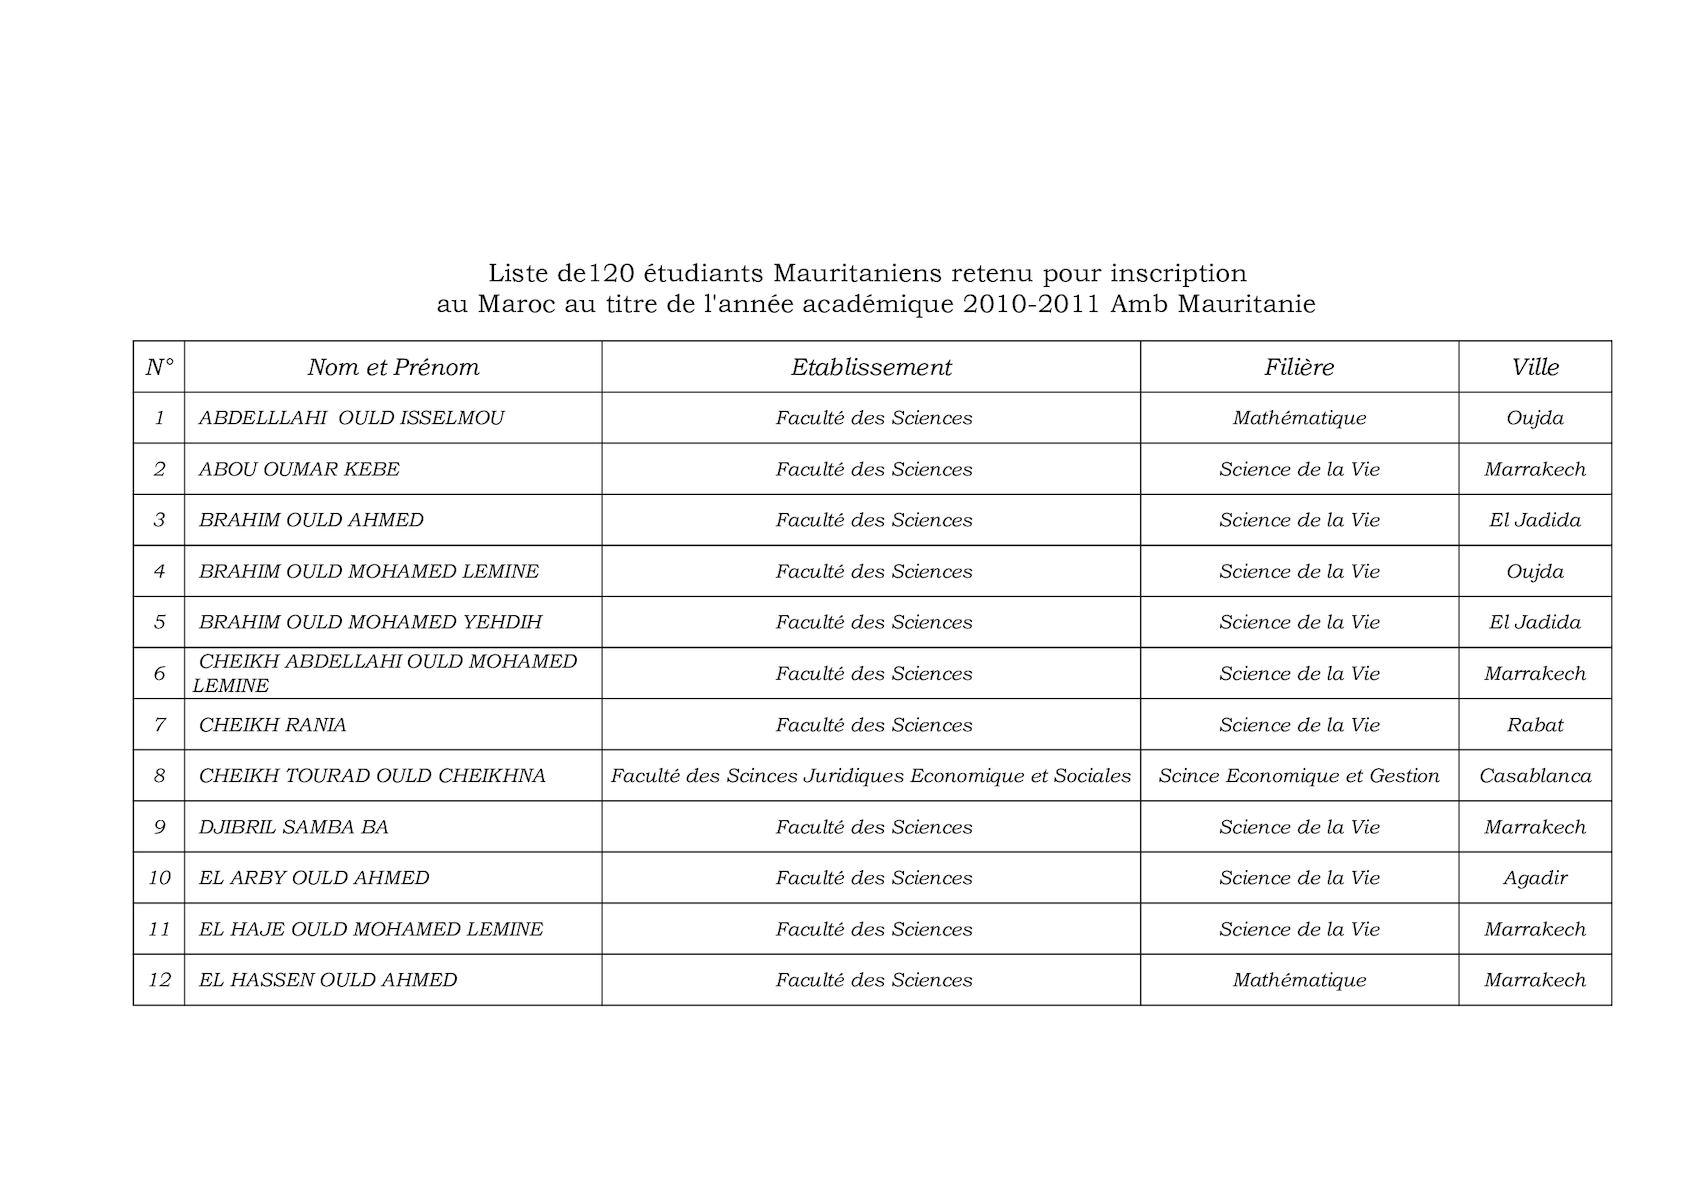 Liste Des 120 étudiants Mauritaniens